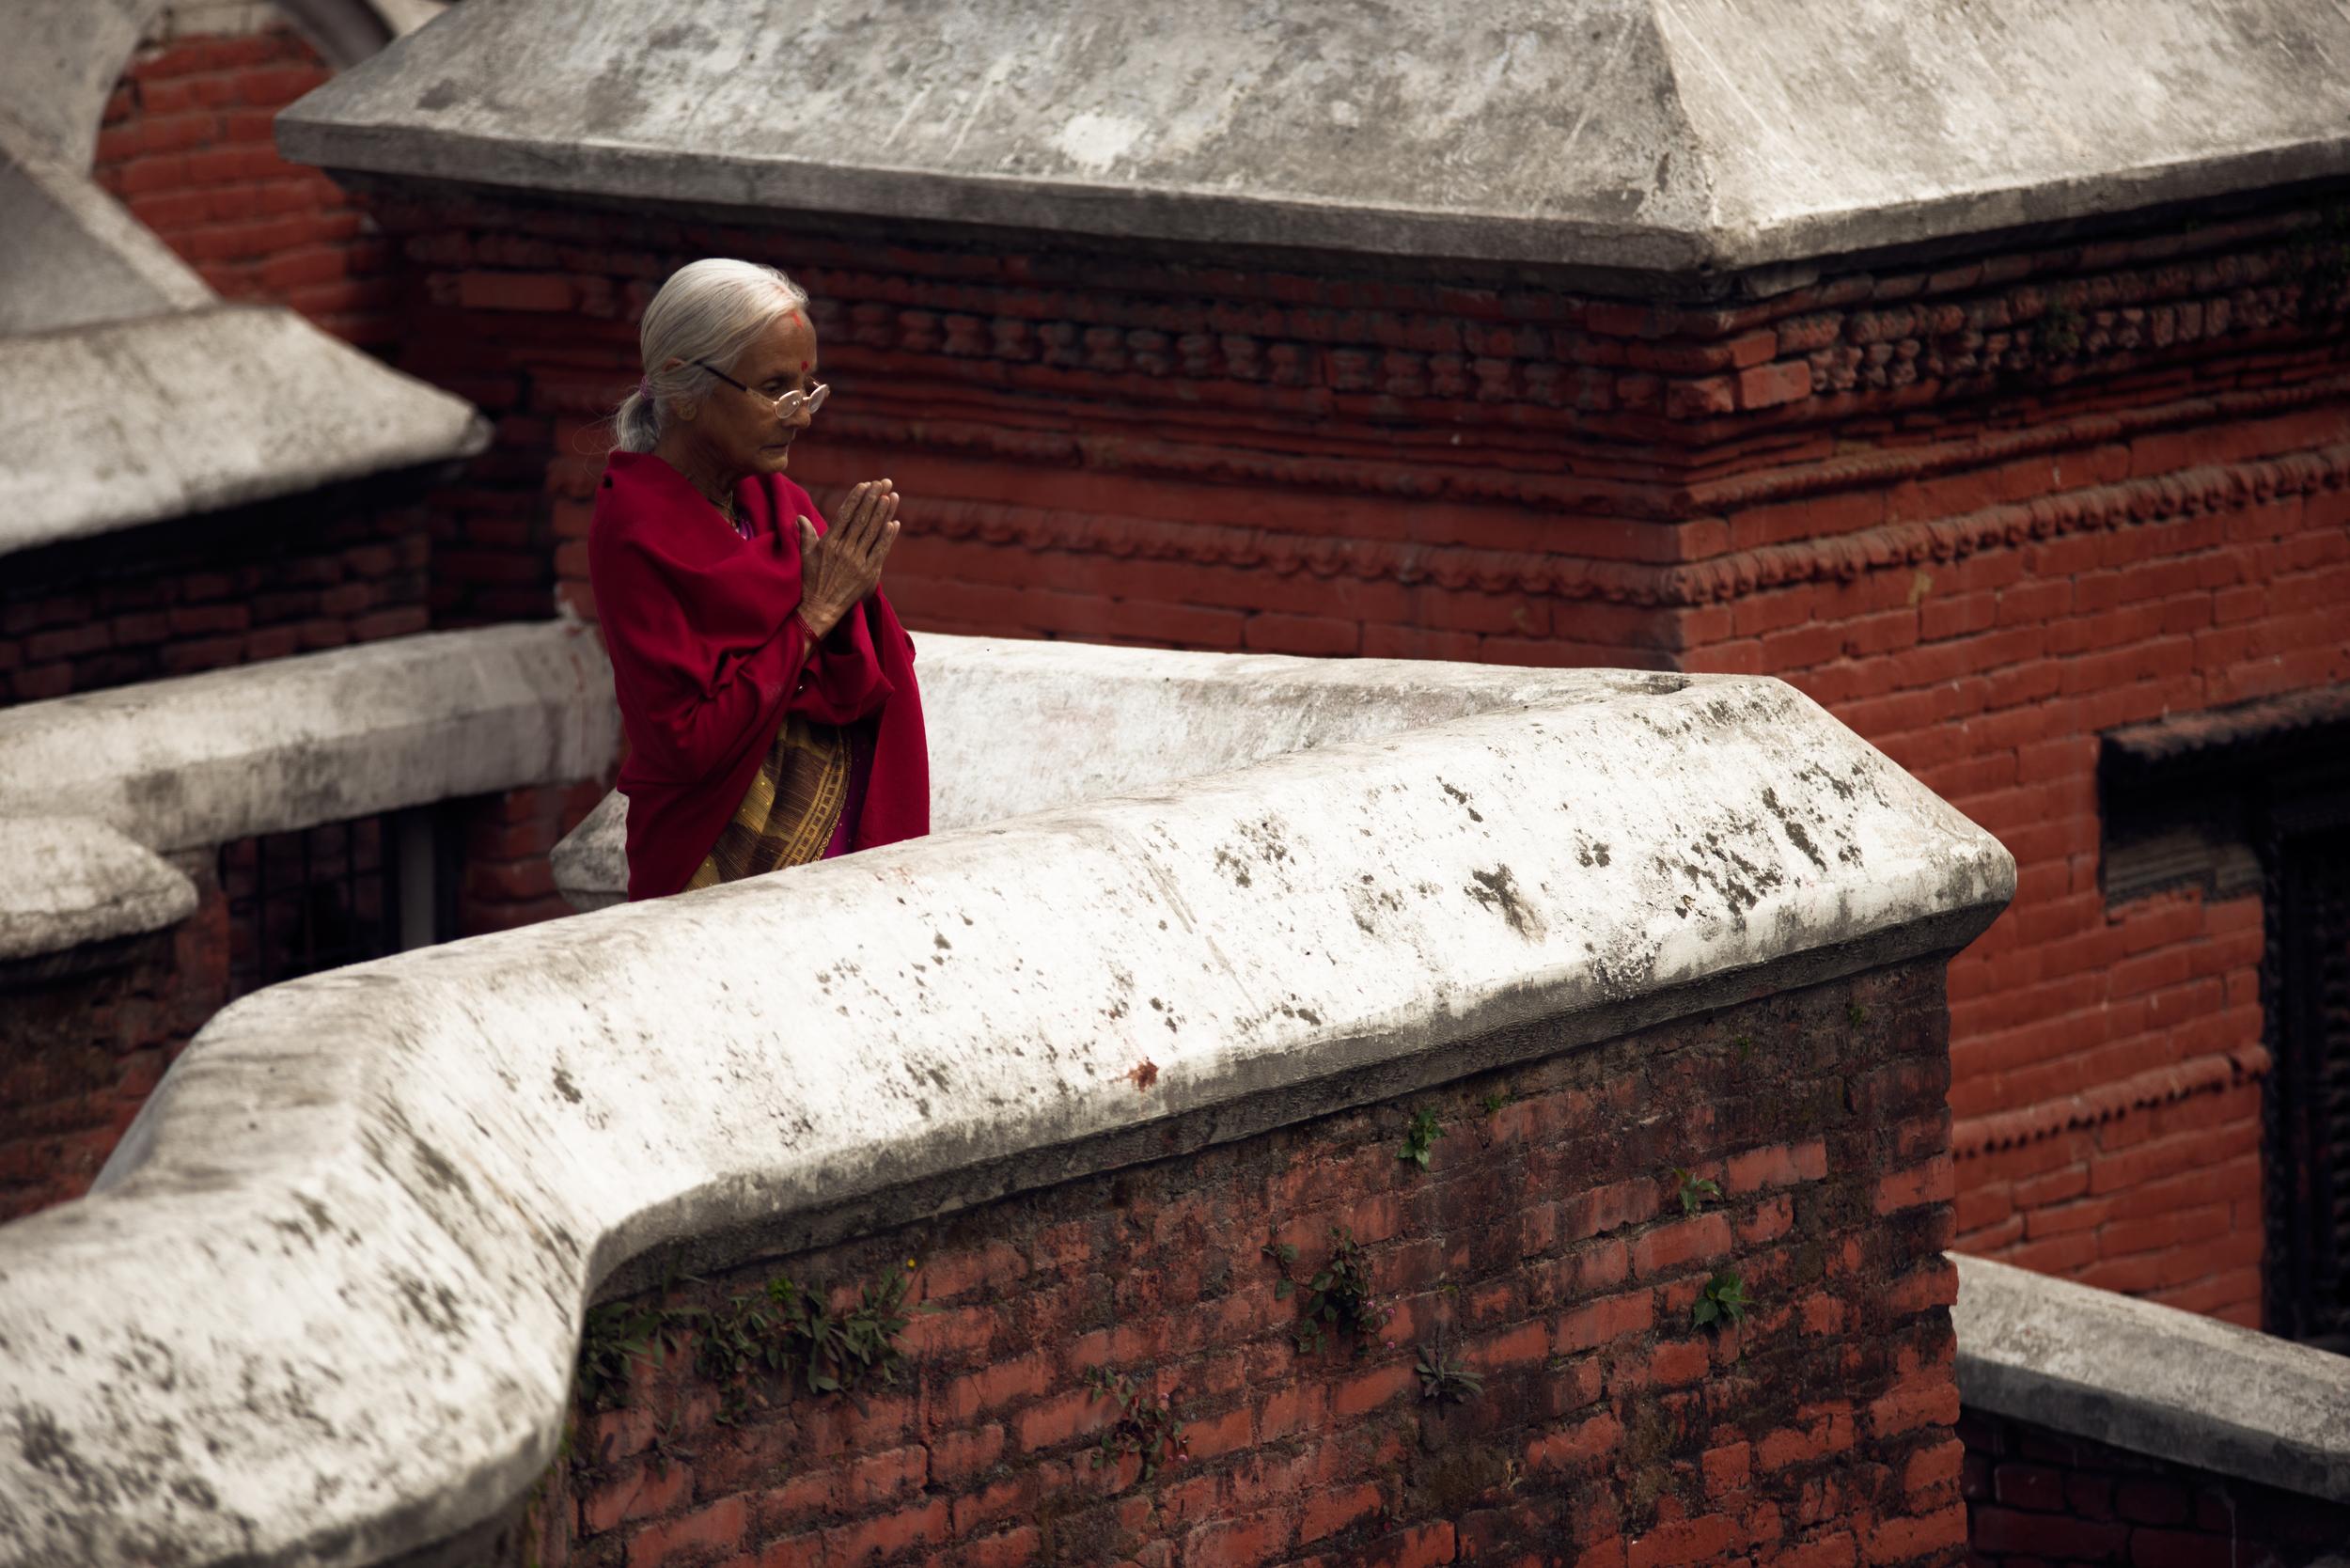 Woman_Praying.jpg